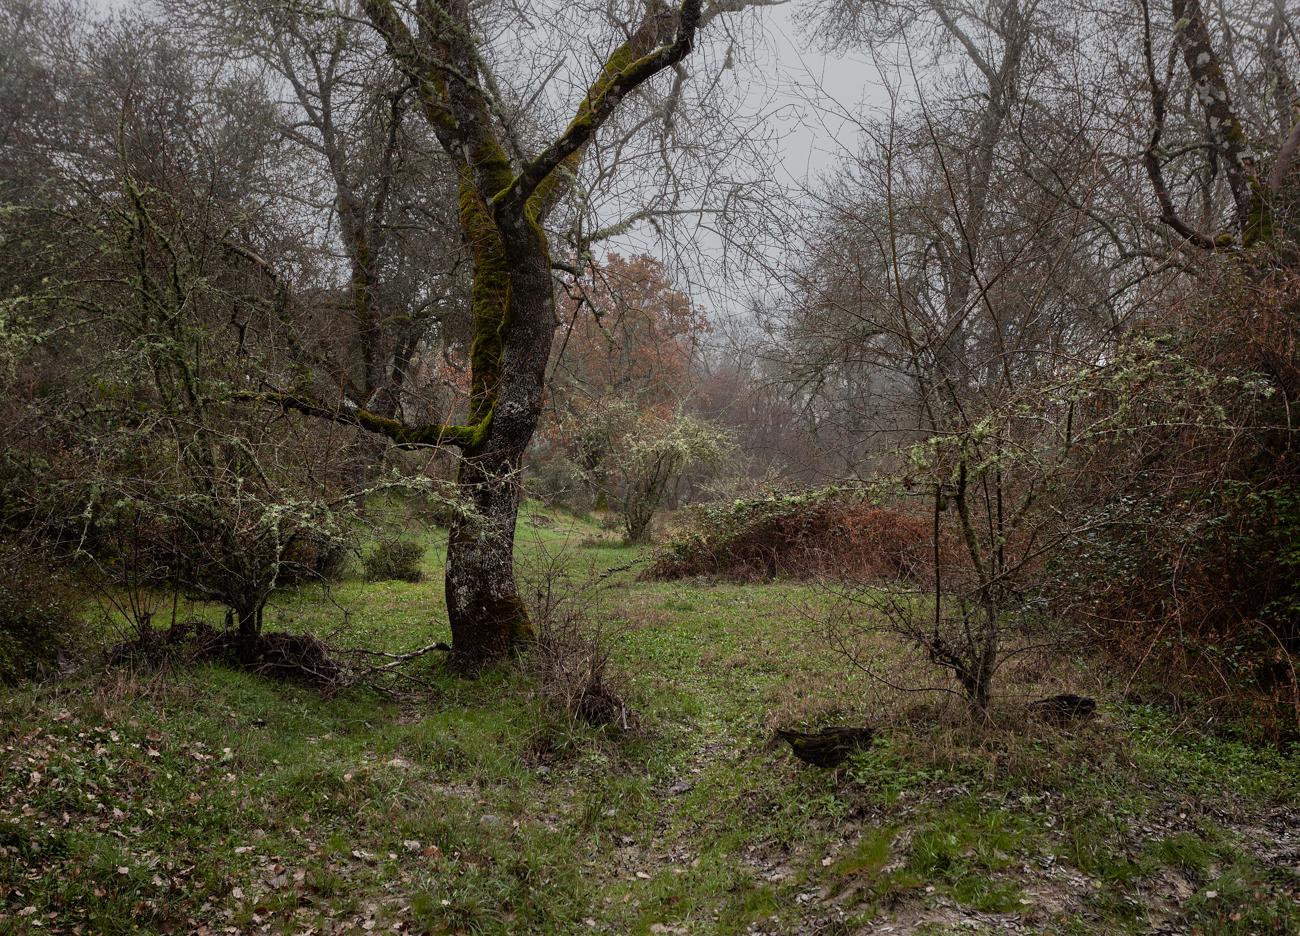 Arboles y espinos. Arroyo v1.0 reencuadre